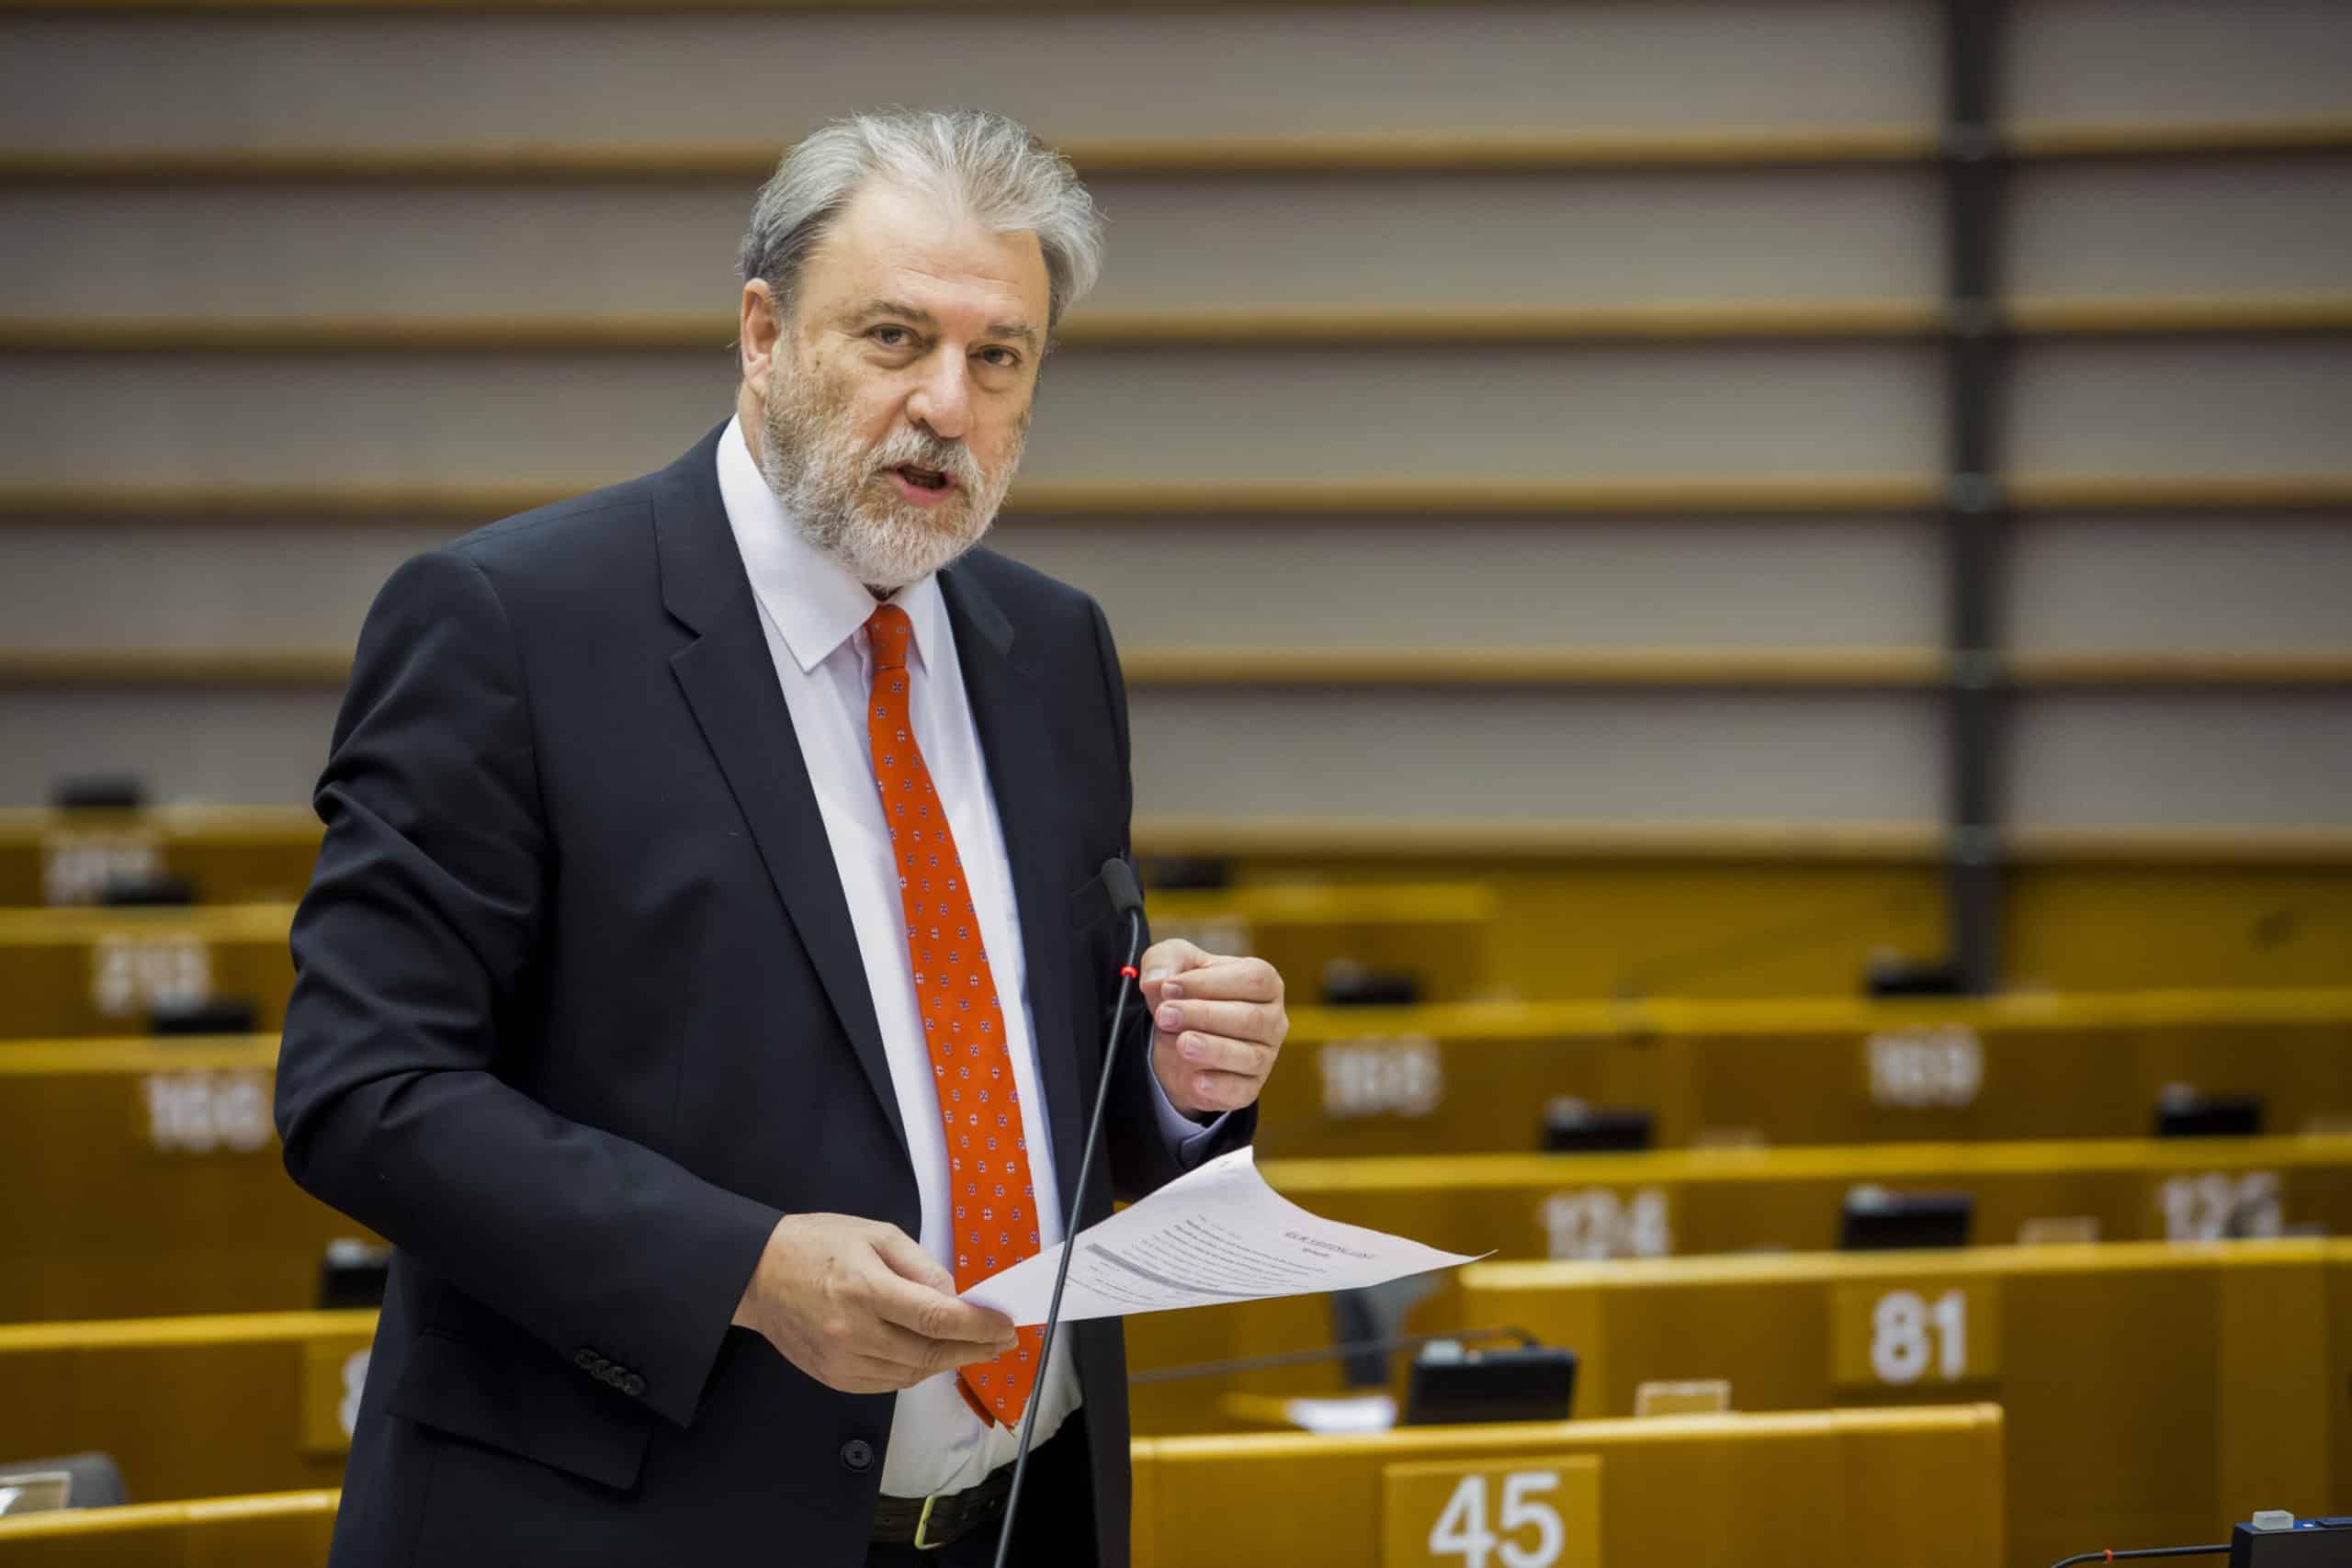 Το Ευρωπαϊκό Συμβούλιο δεν είπε κουβέντα για τις απειλές Ερντογάν Τουρκία κυρώσεις: Να αλλάξει ρότα η Ισπανία λόγω Γιβλαρτάρ -Ν. Μαριάς Νότης Μαριάς: Η Τουρκία, το Oruc Reis και η Φινλανδοποίηση της Ελλάδας